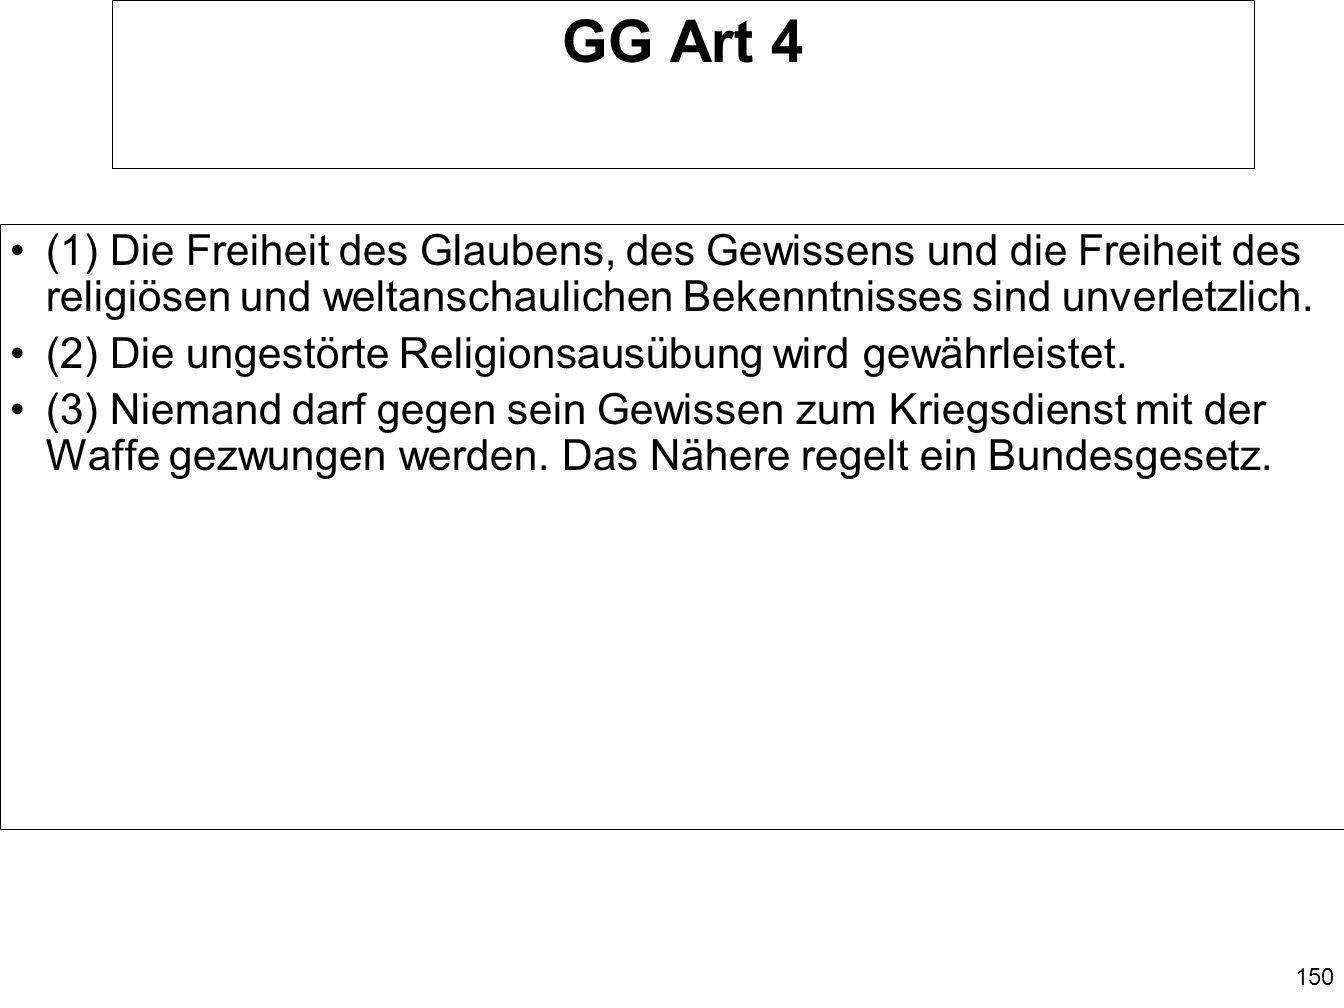 GG Art 4 (1) Die Freiheit des Glaubens, des Gewissens und die Freiheit des religiösen und weltanschaulichen Bekenntnisses sind unverletzlich.